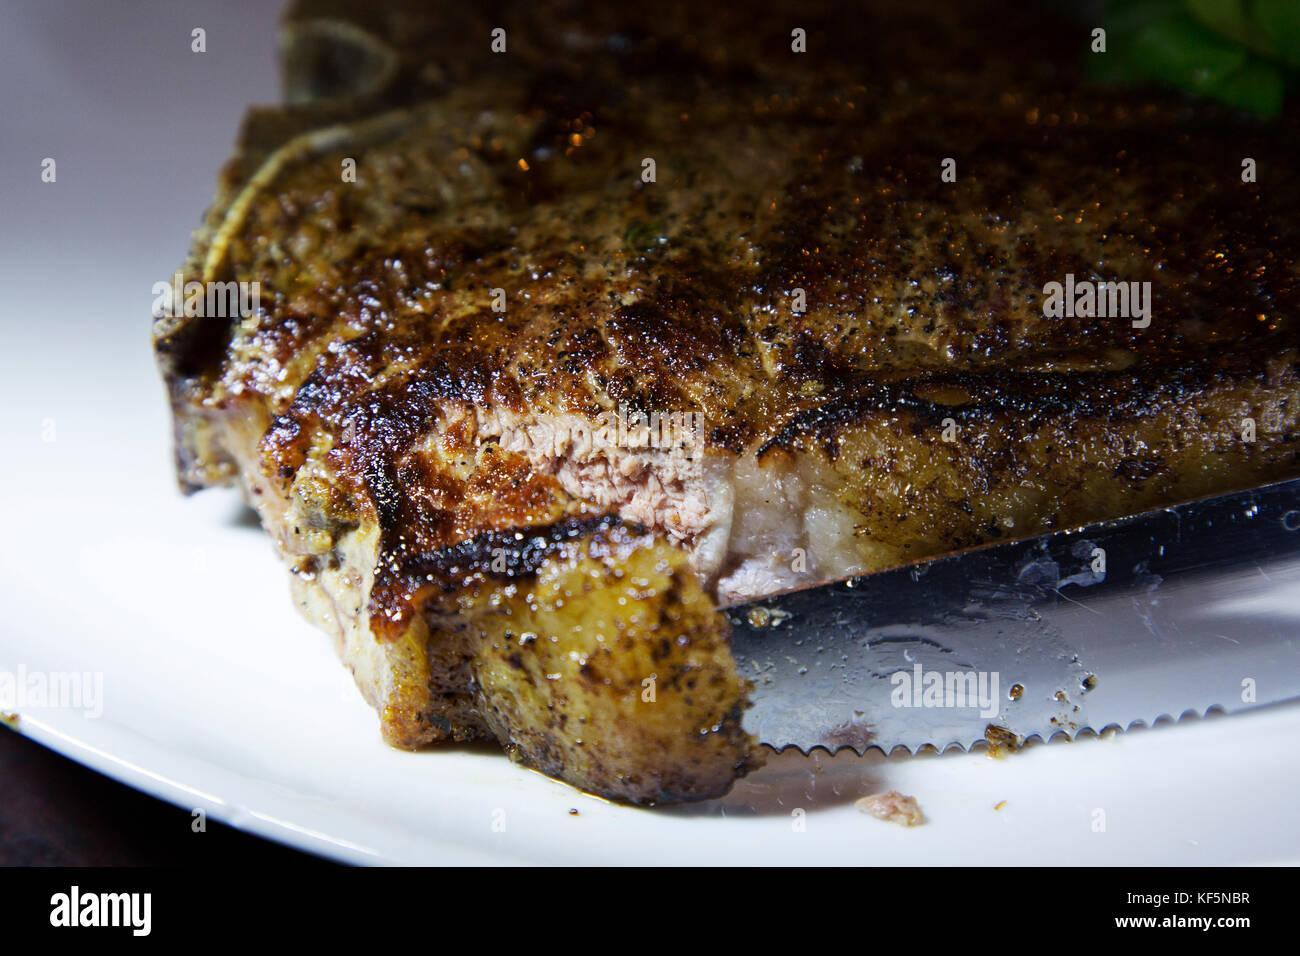 Un cuchillo en un chuletón de carne de ganado hereford criados británico. El plato es servido con una Imagen De Stock